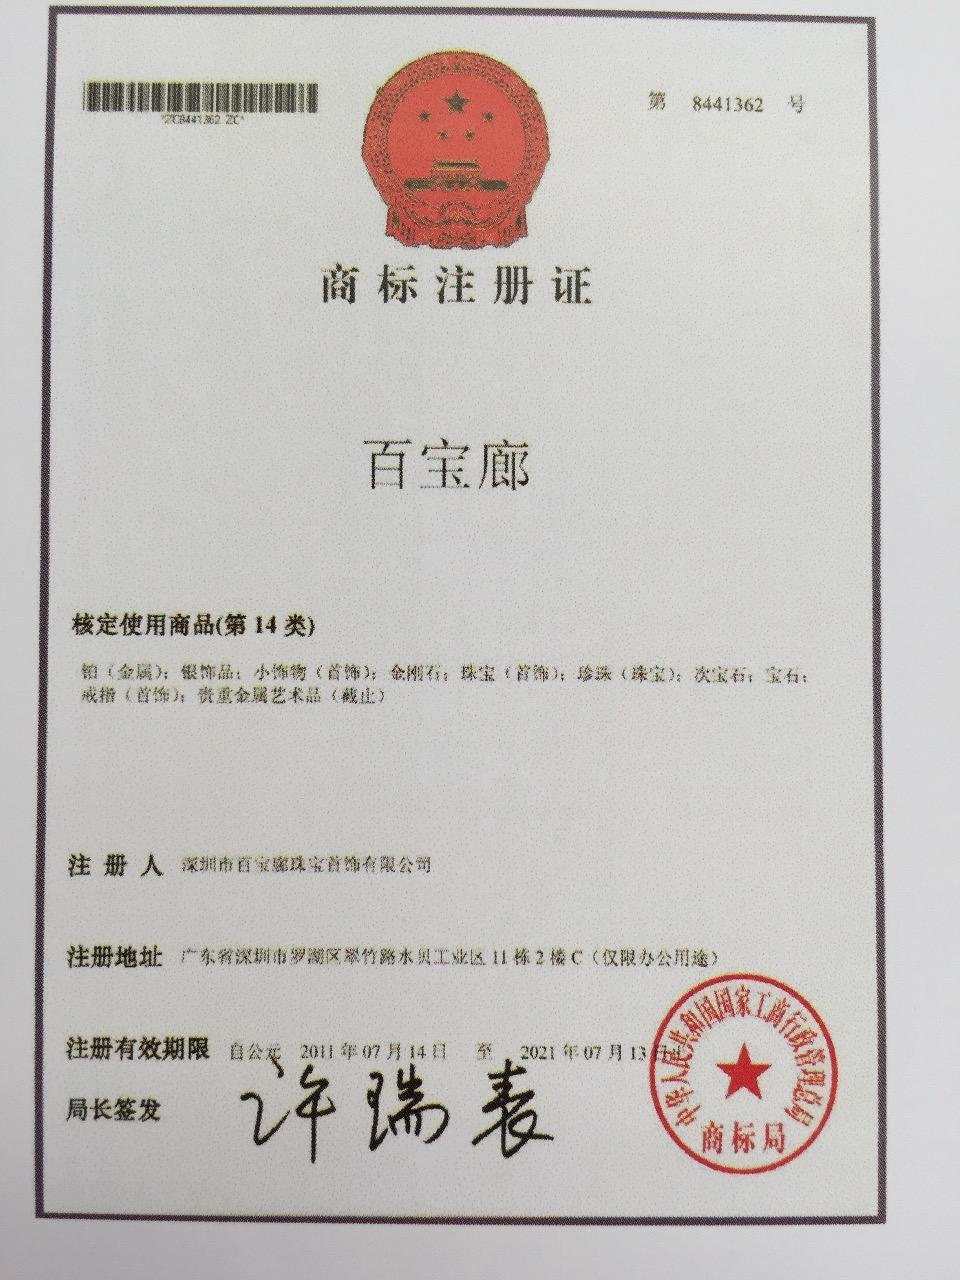 深圳市百宝廊珠宝首饰有限公司